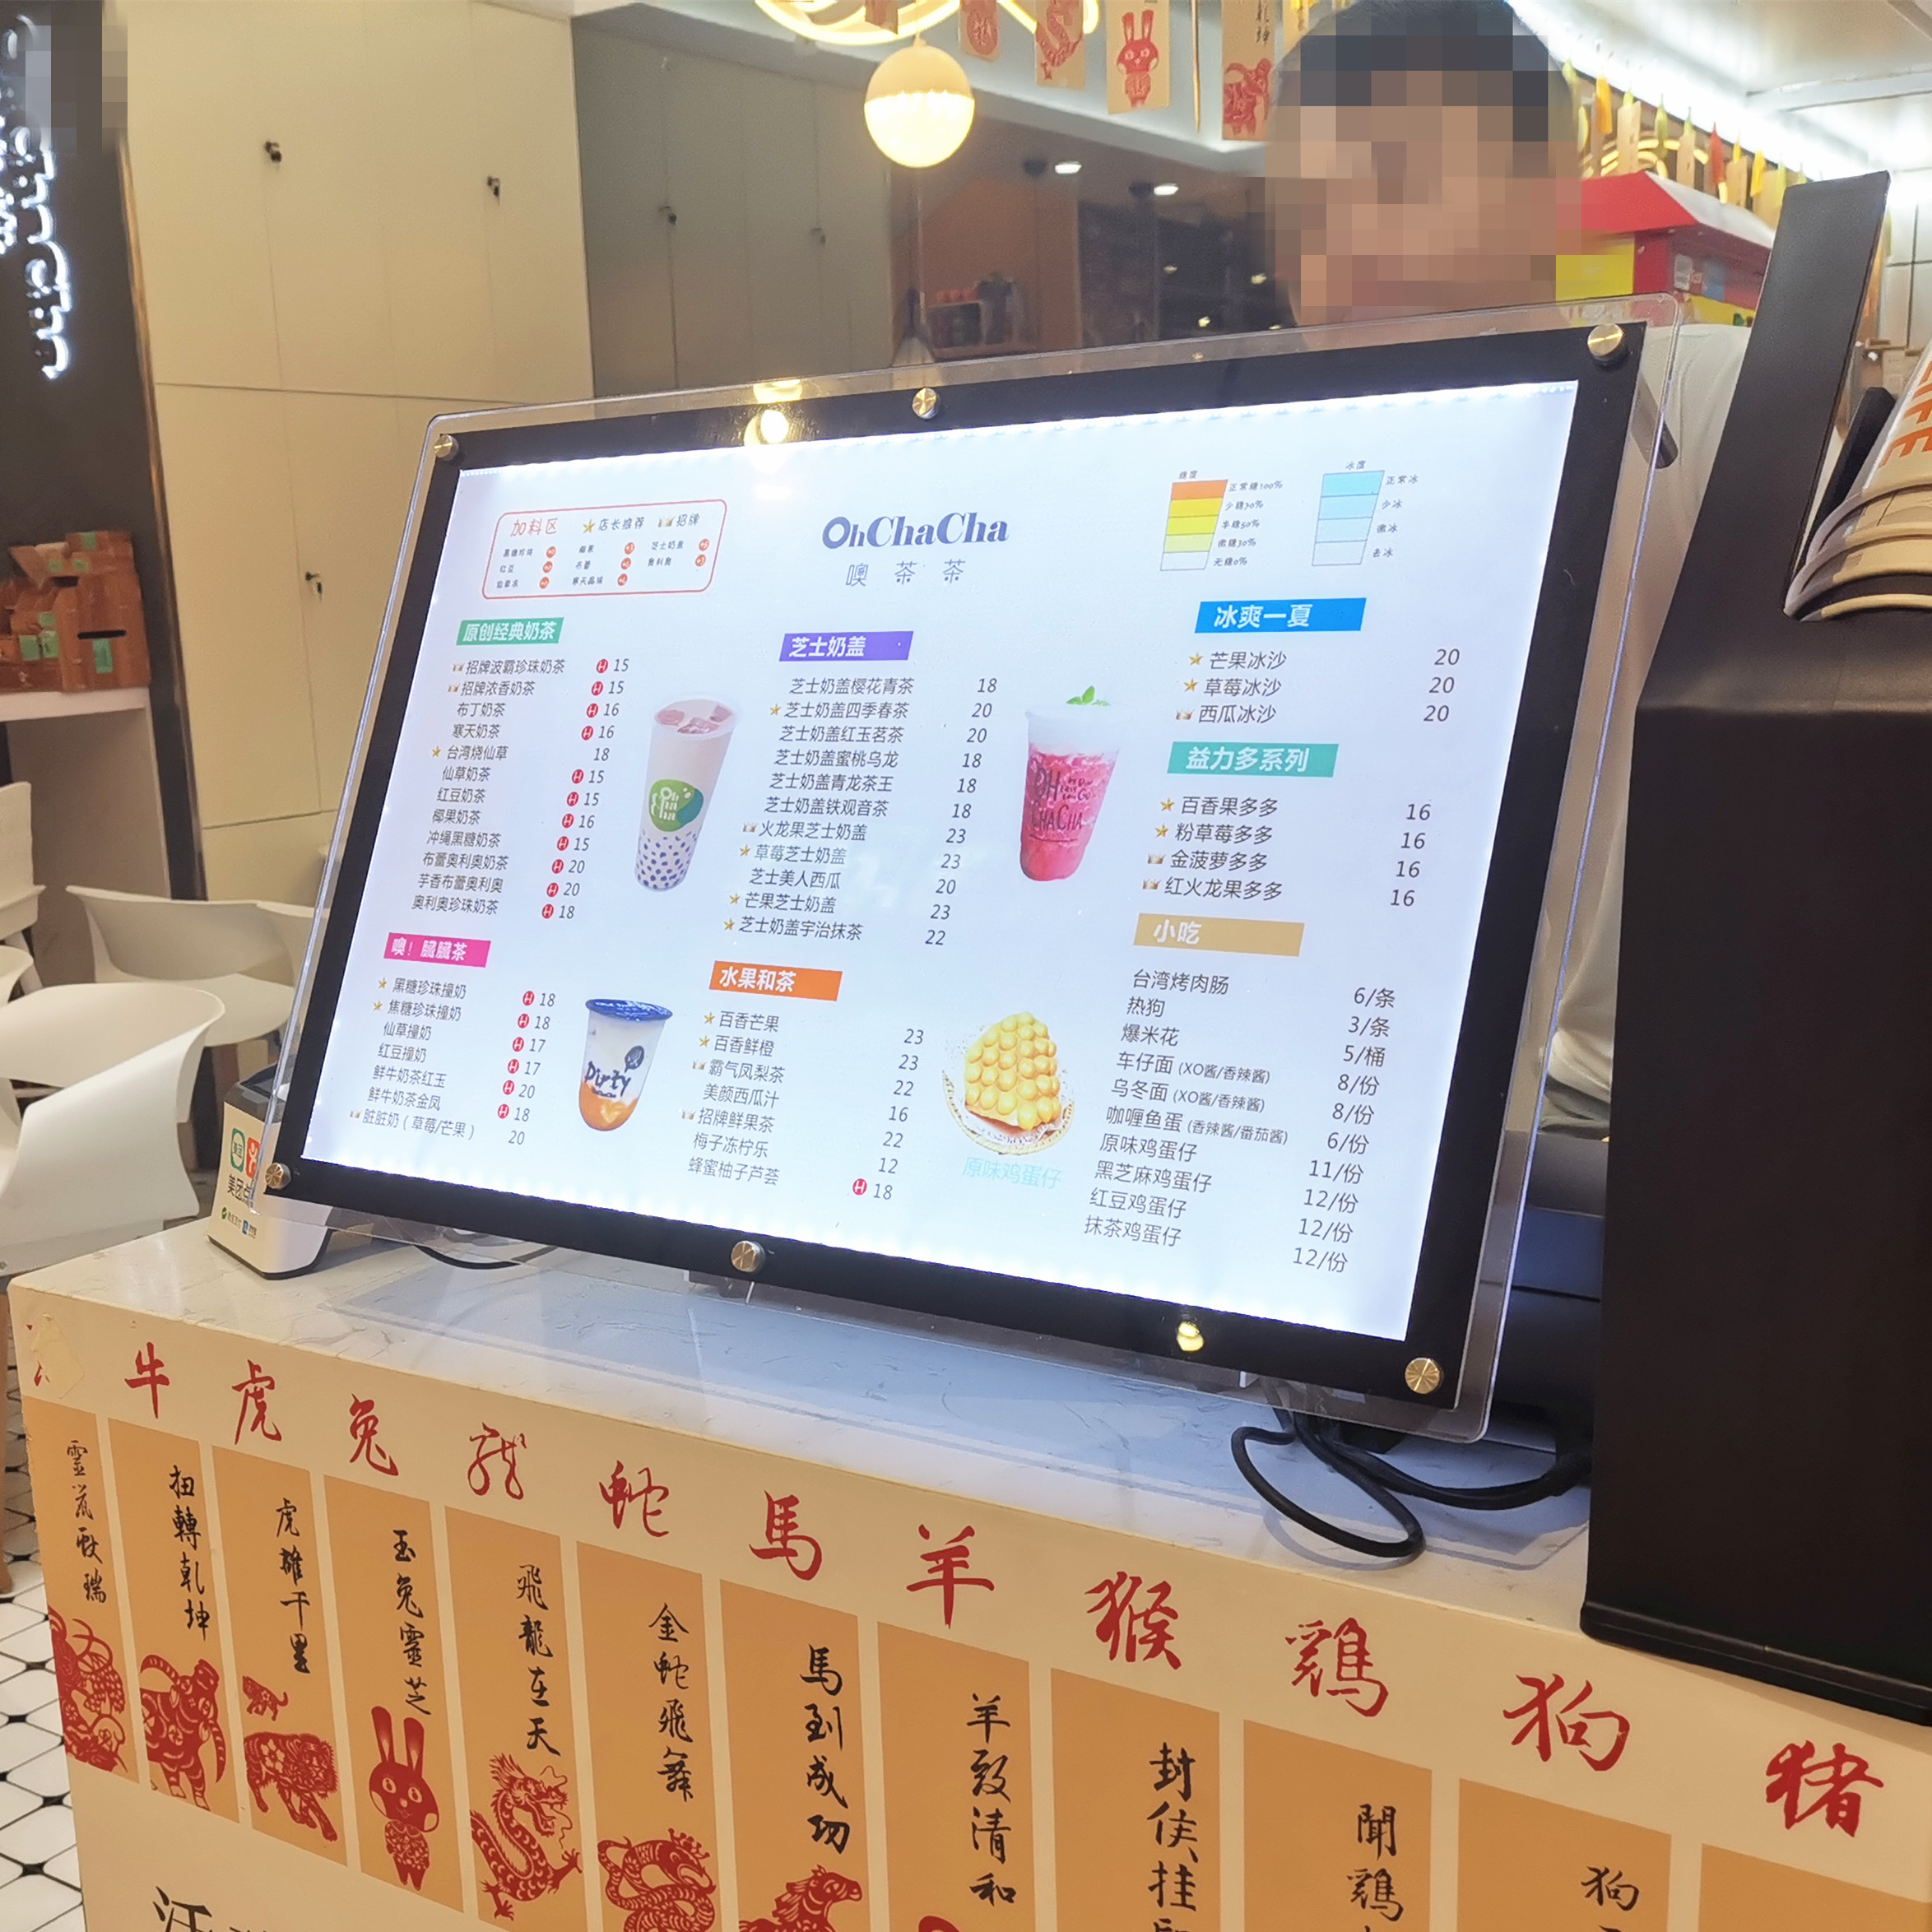 LED亚克力灯箱价目表台面吧台餐饮菜牌点餐价格表奶茶店水晶灯箱